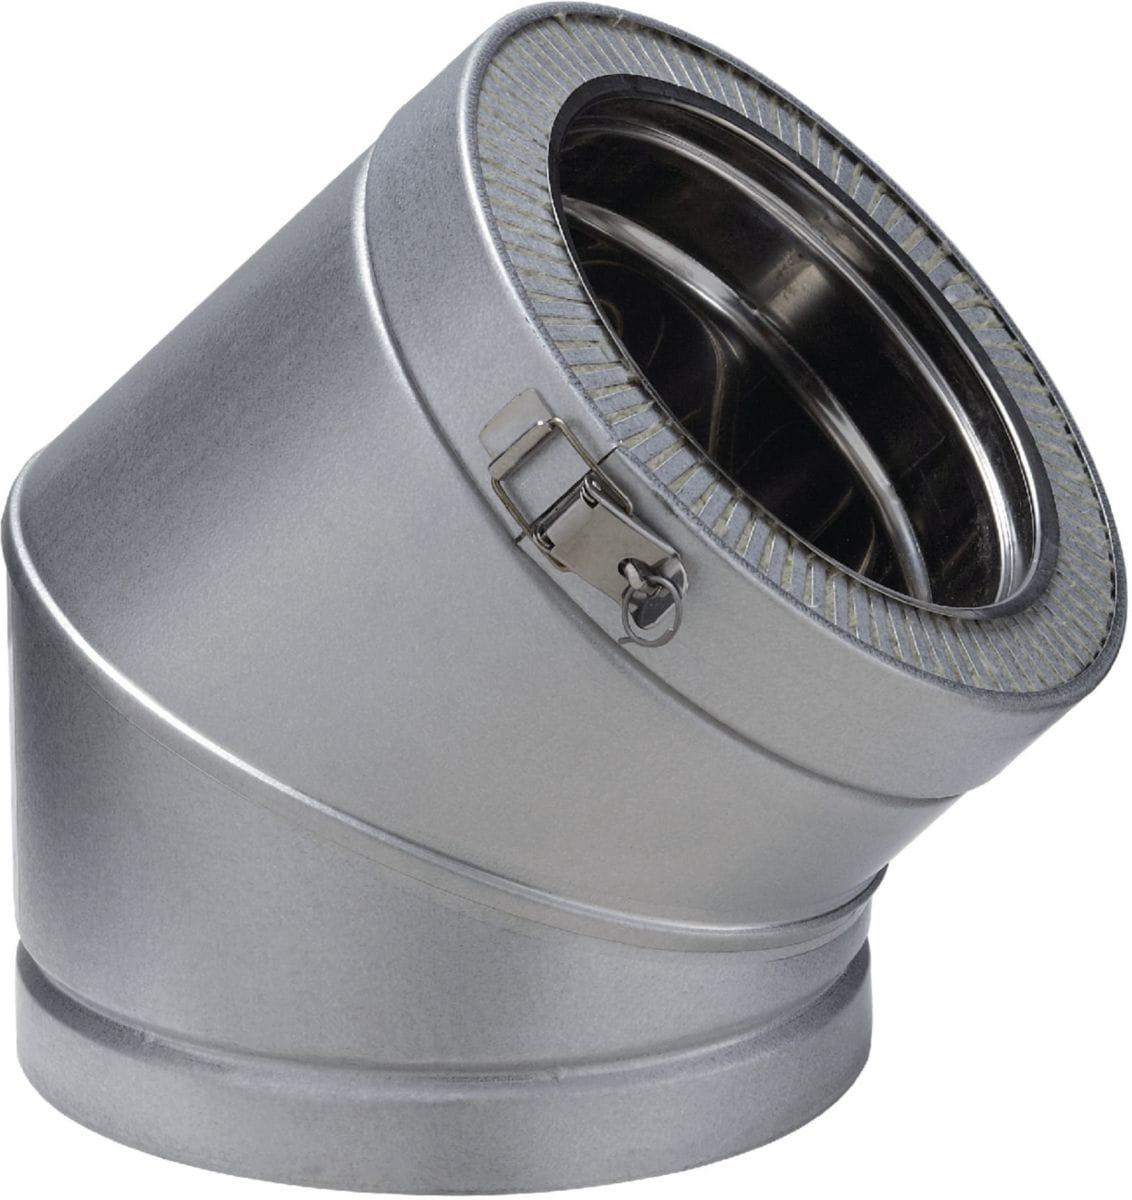 Poujoulat - Coude 45° Double Paroi Pour Conduit De concernant Tube Inox Cheminée Leroy Merlin